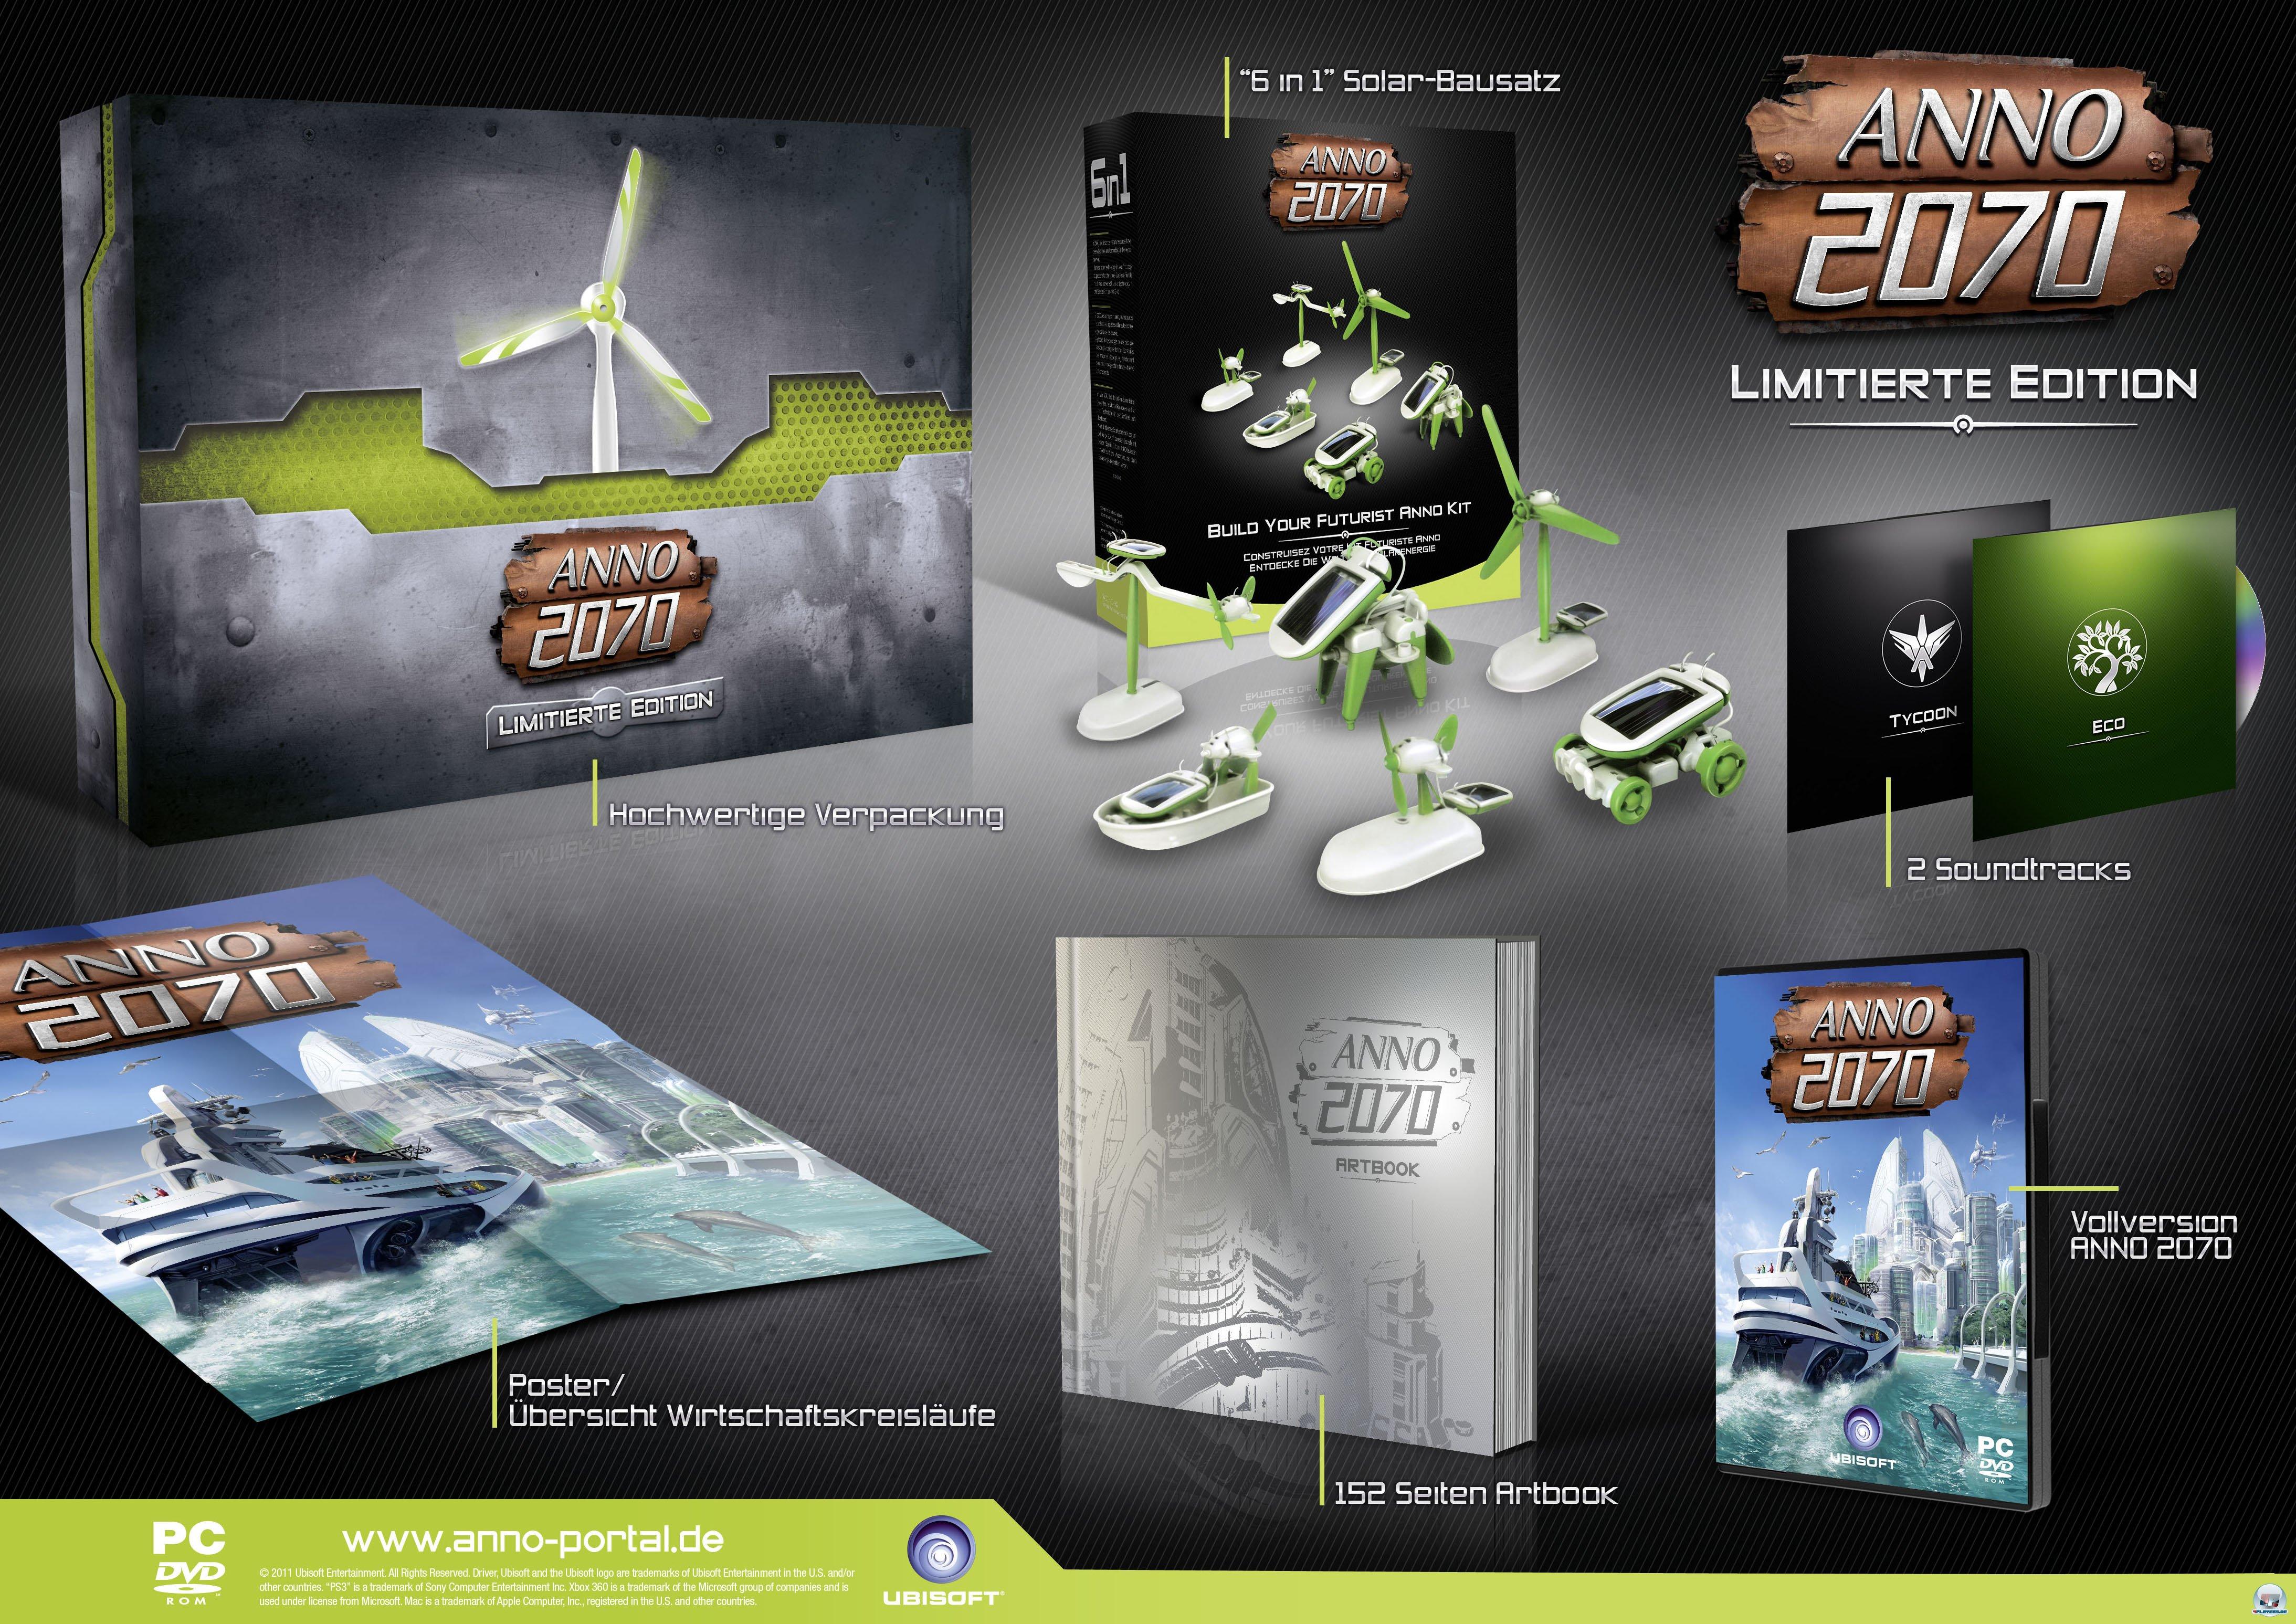 ANNO 2070 - Limitierte Edition